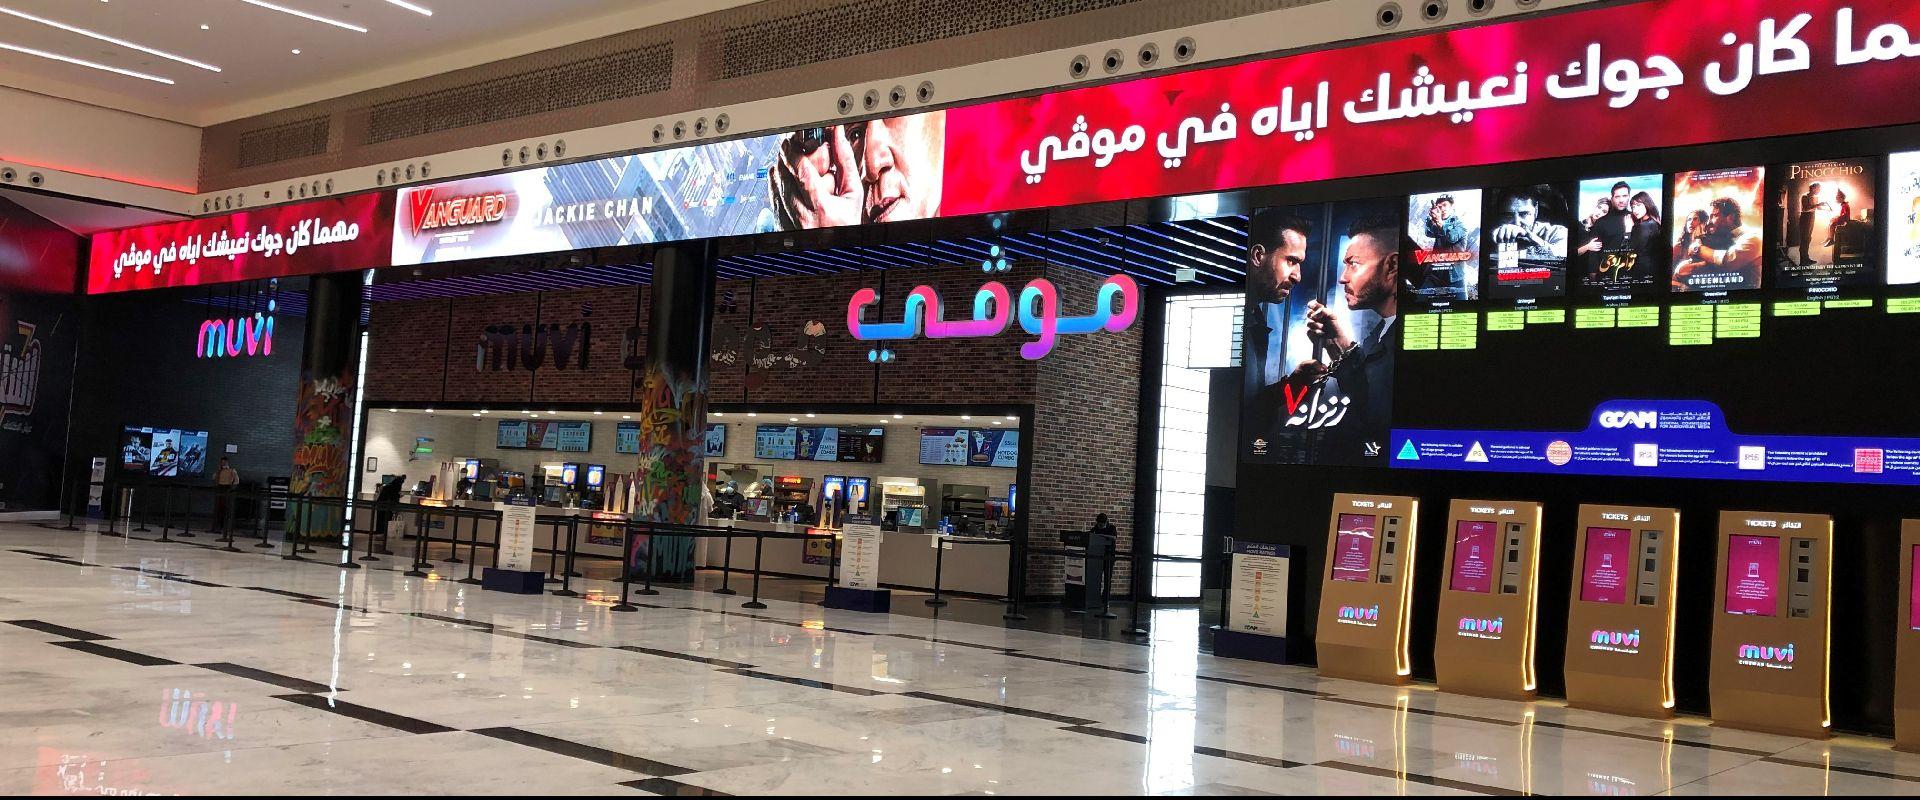 سينما النخيل مول الرياض